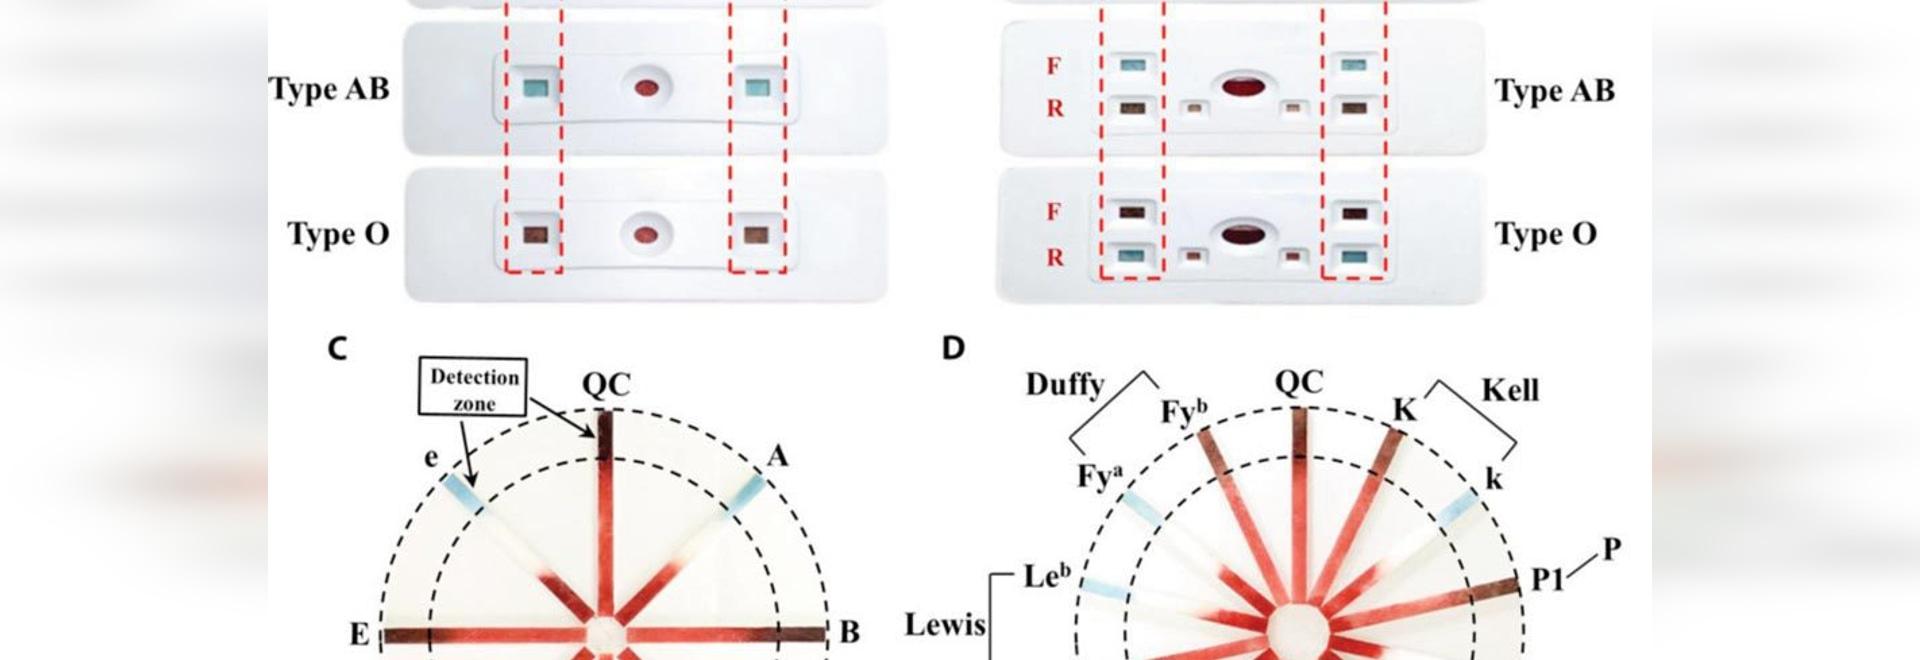 Análisis del PC desarrollado para el grupo sanguíneo confiable